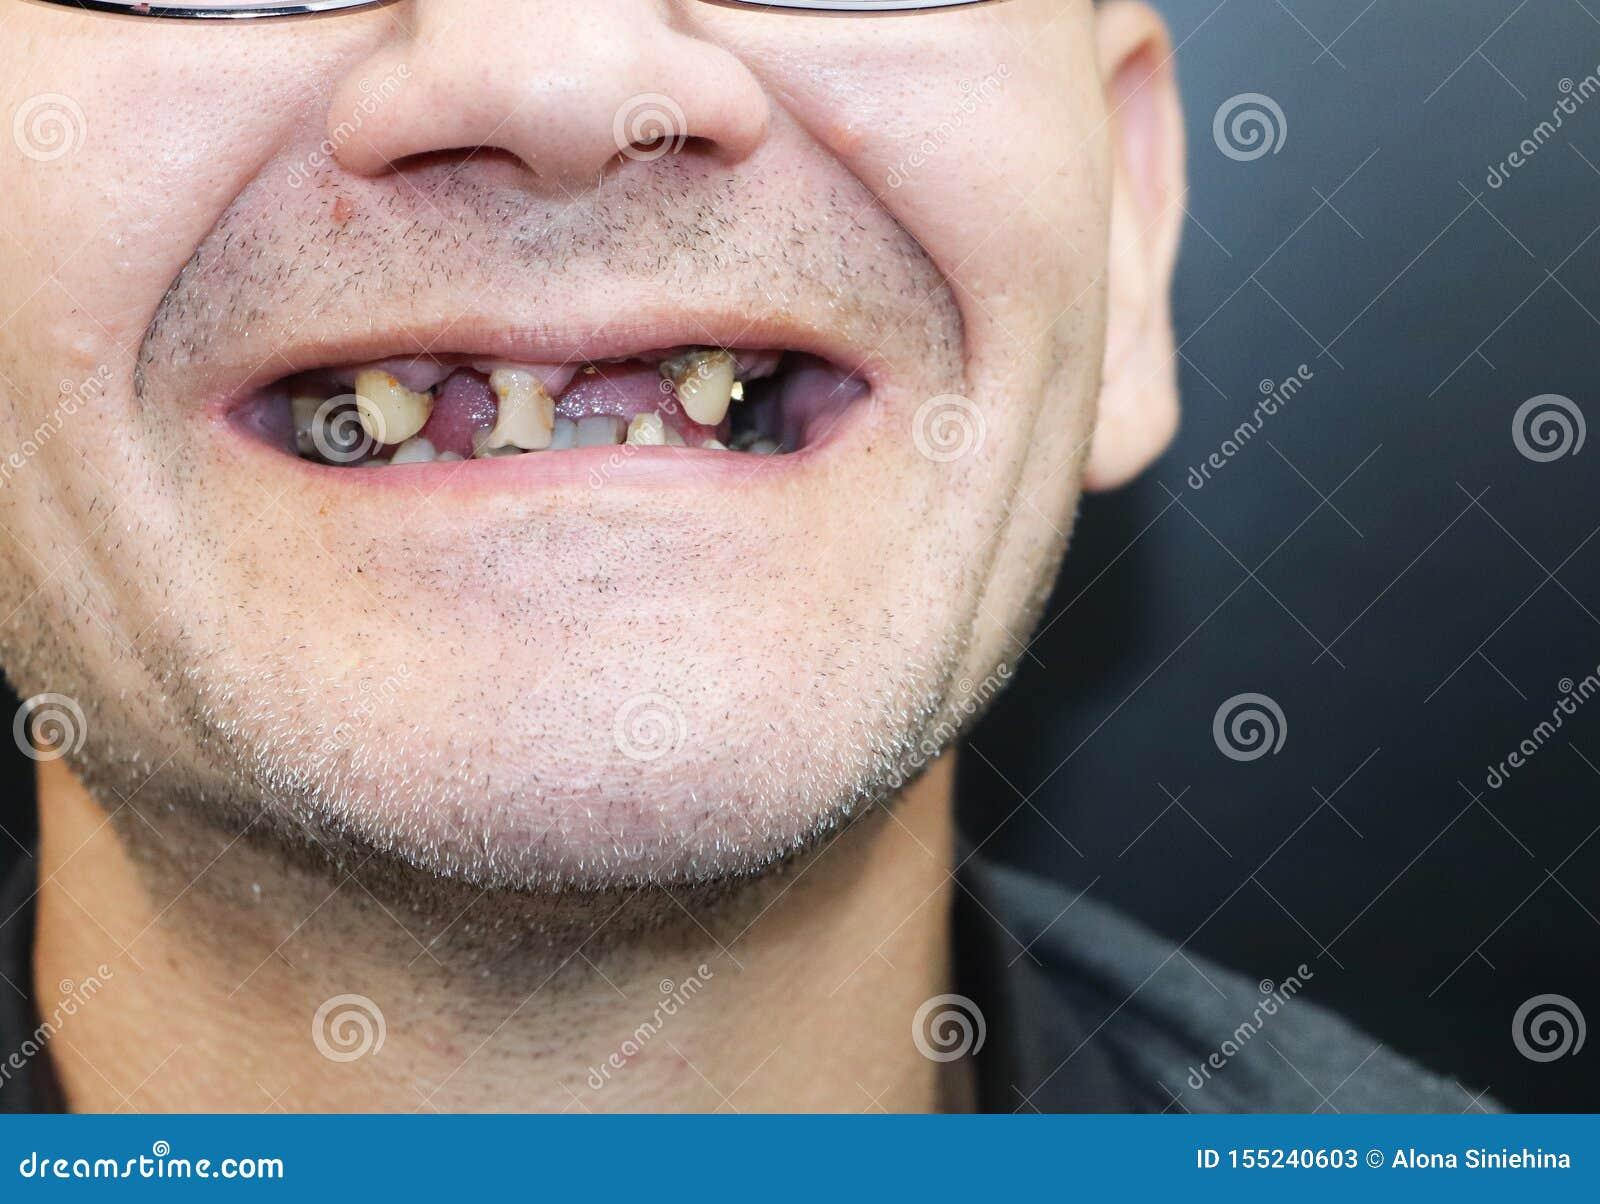 Der Mann Hat Faule Zähne, Zähne Herausfiel, Gelbe Und